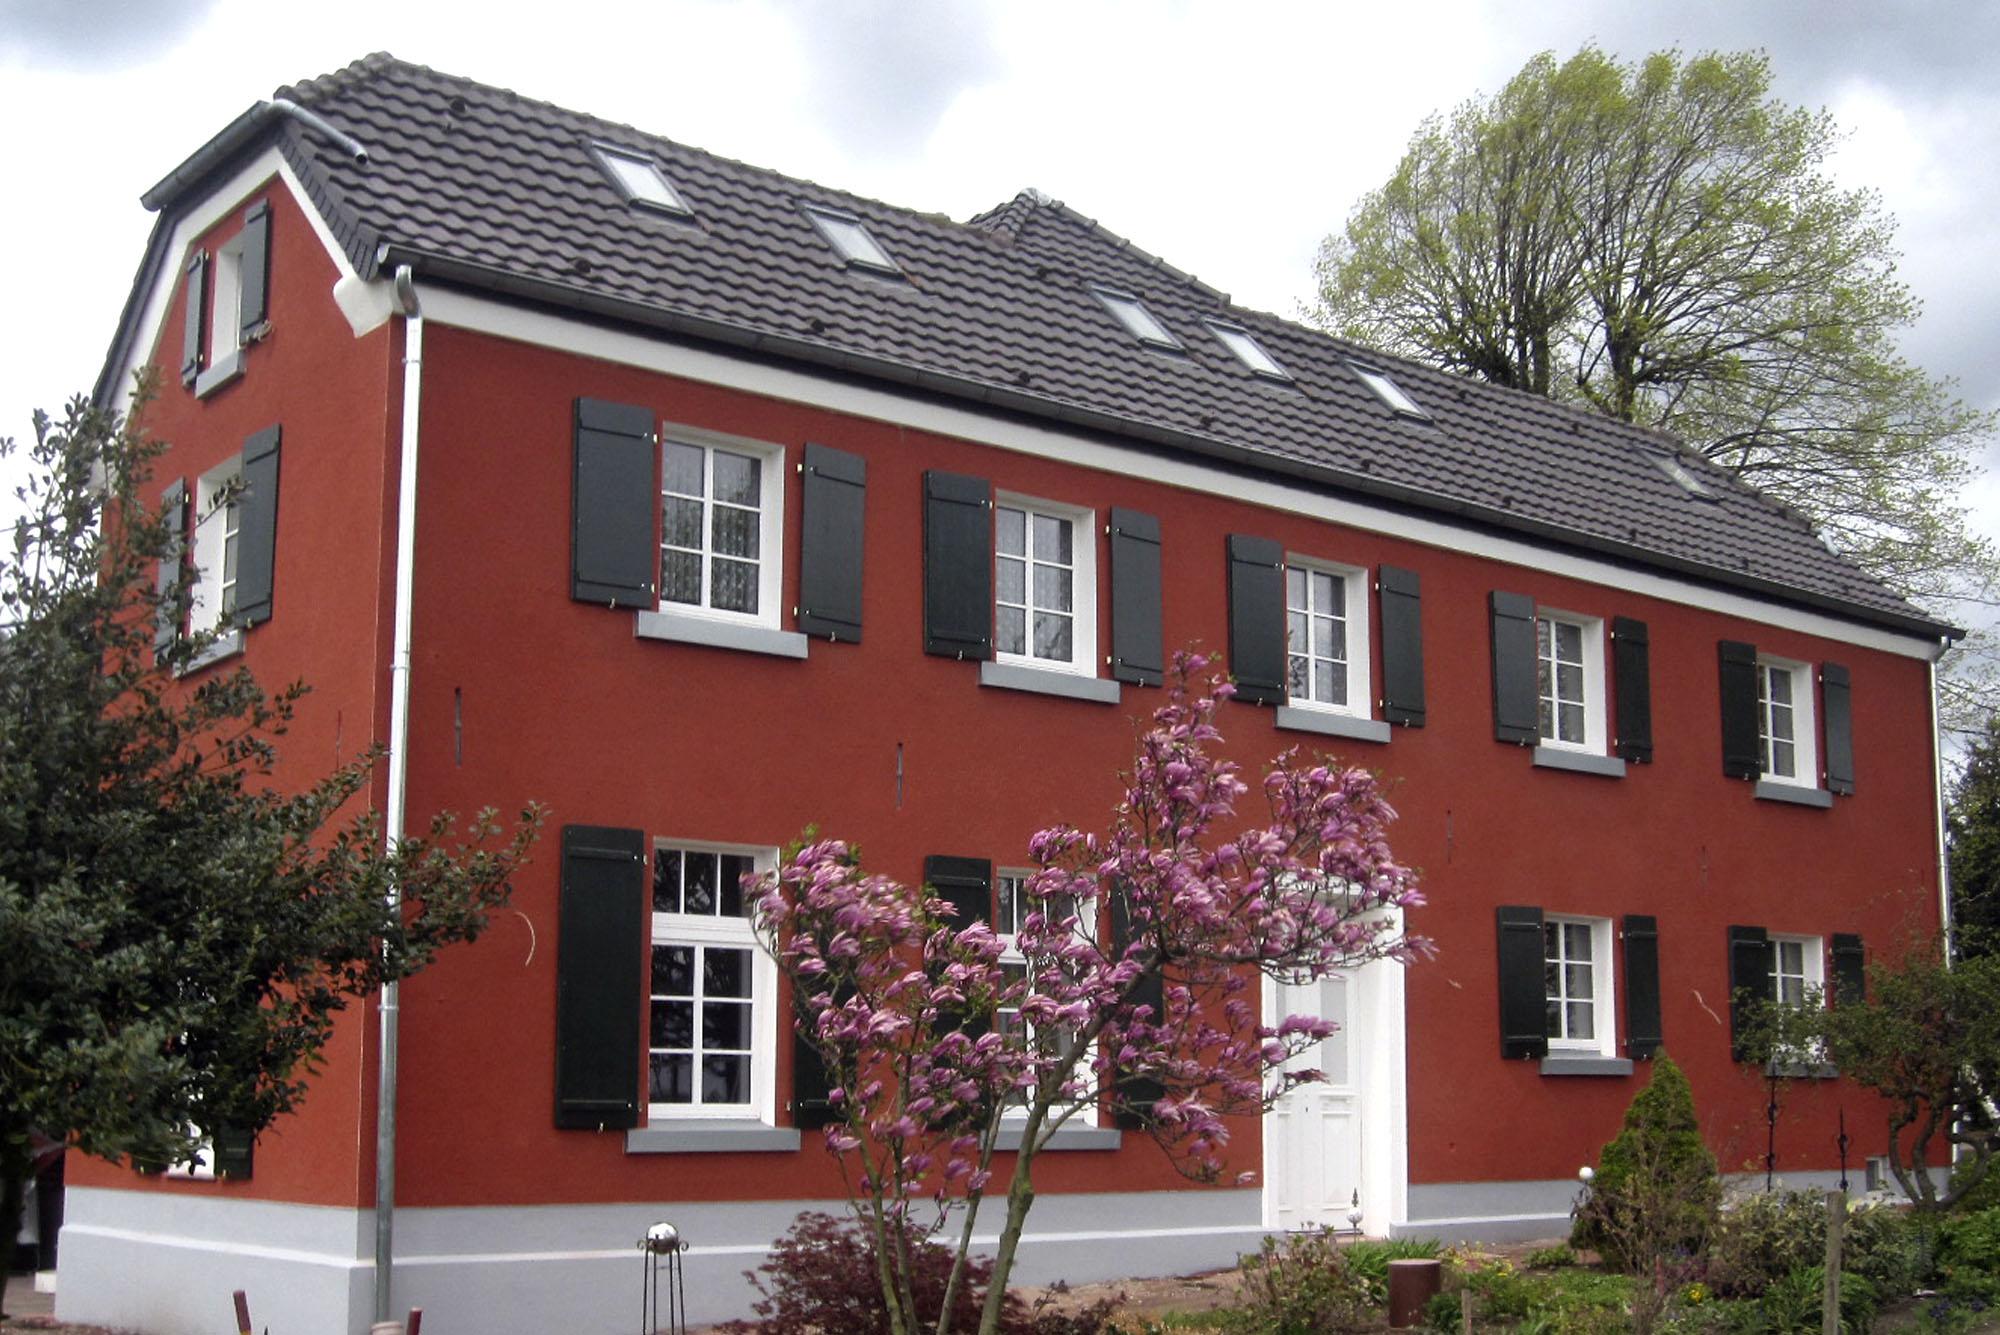 Referenz-Rheinberg5a24f950d1feb